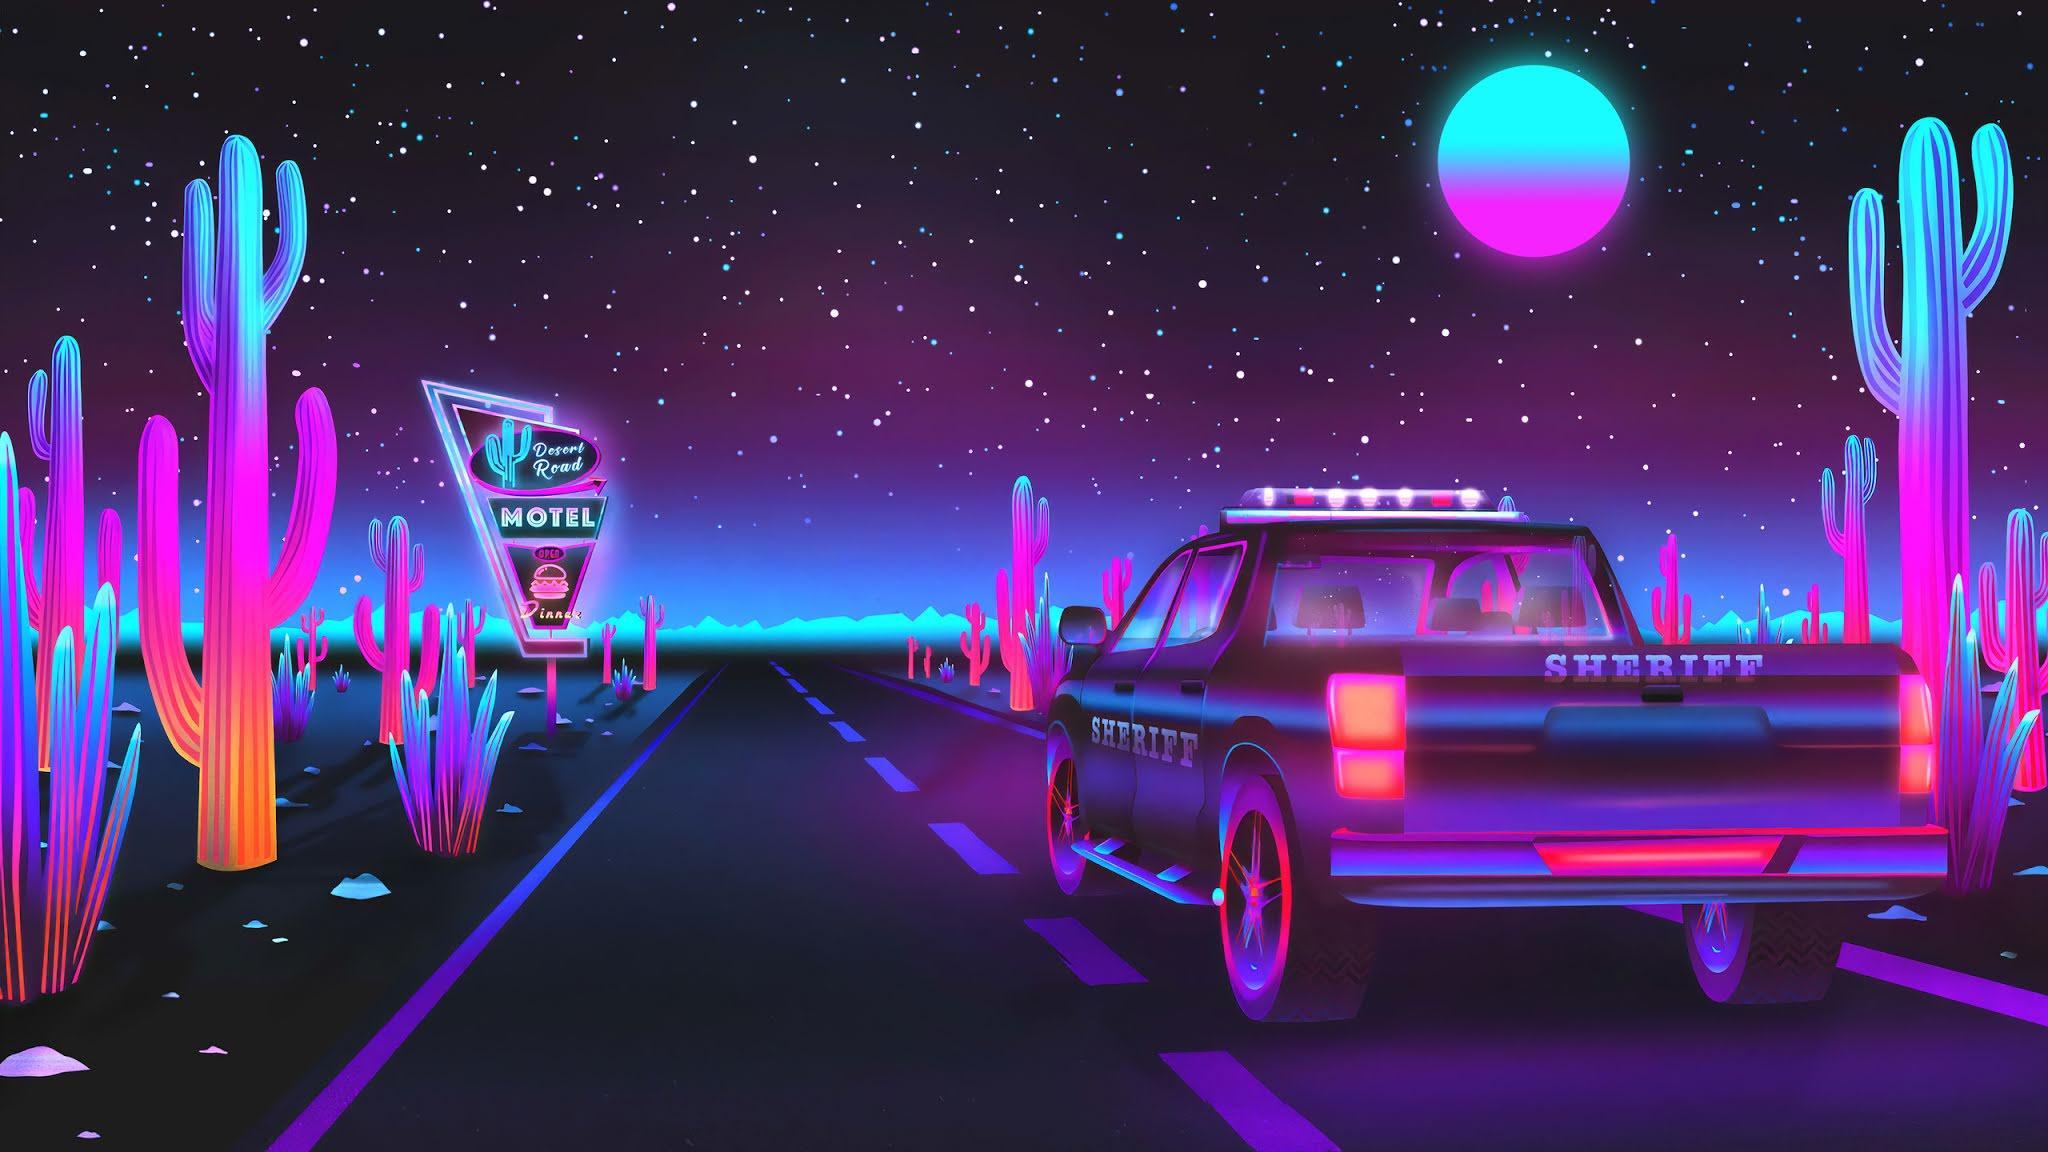 2048x1152 Sherift Retro Road hình nền